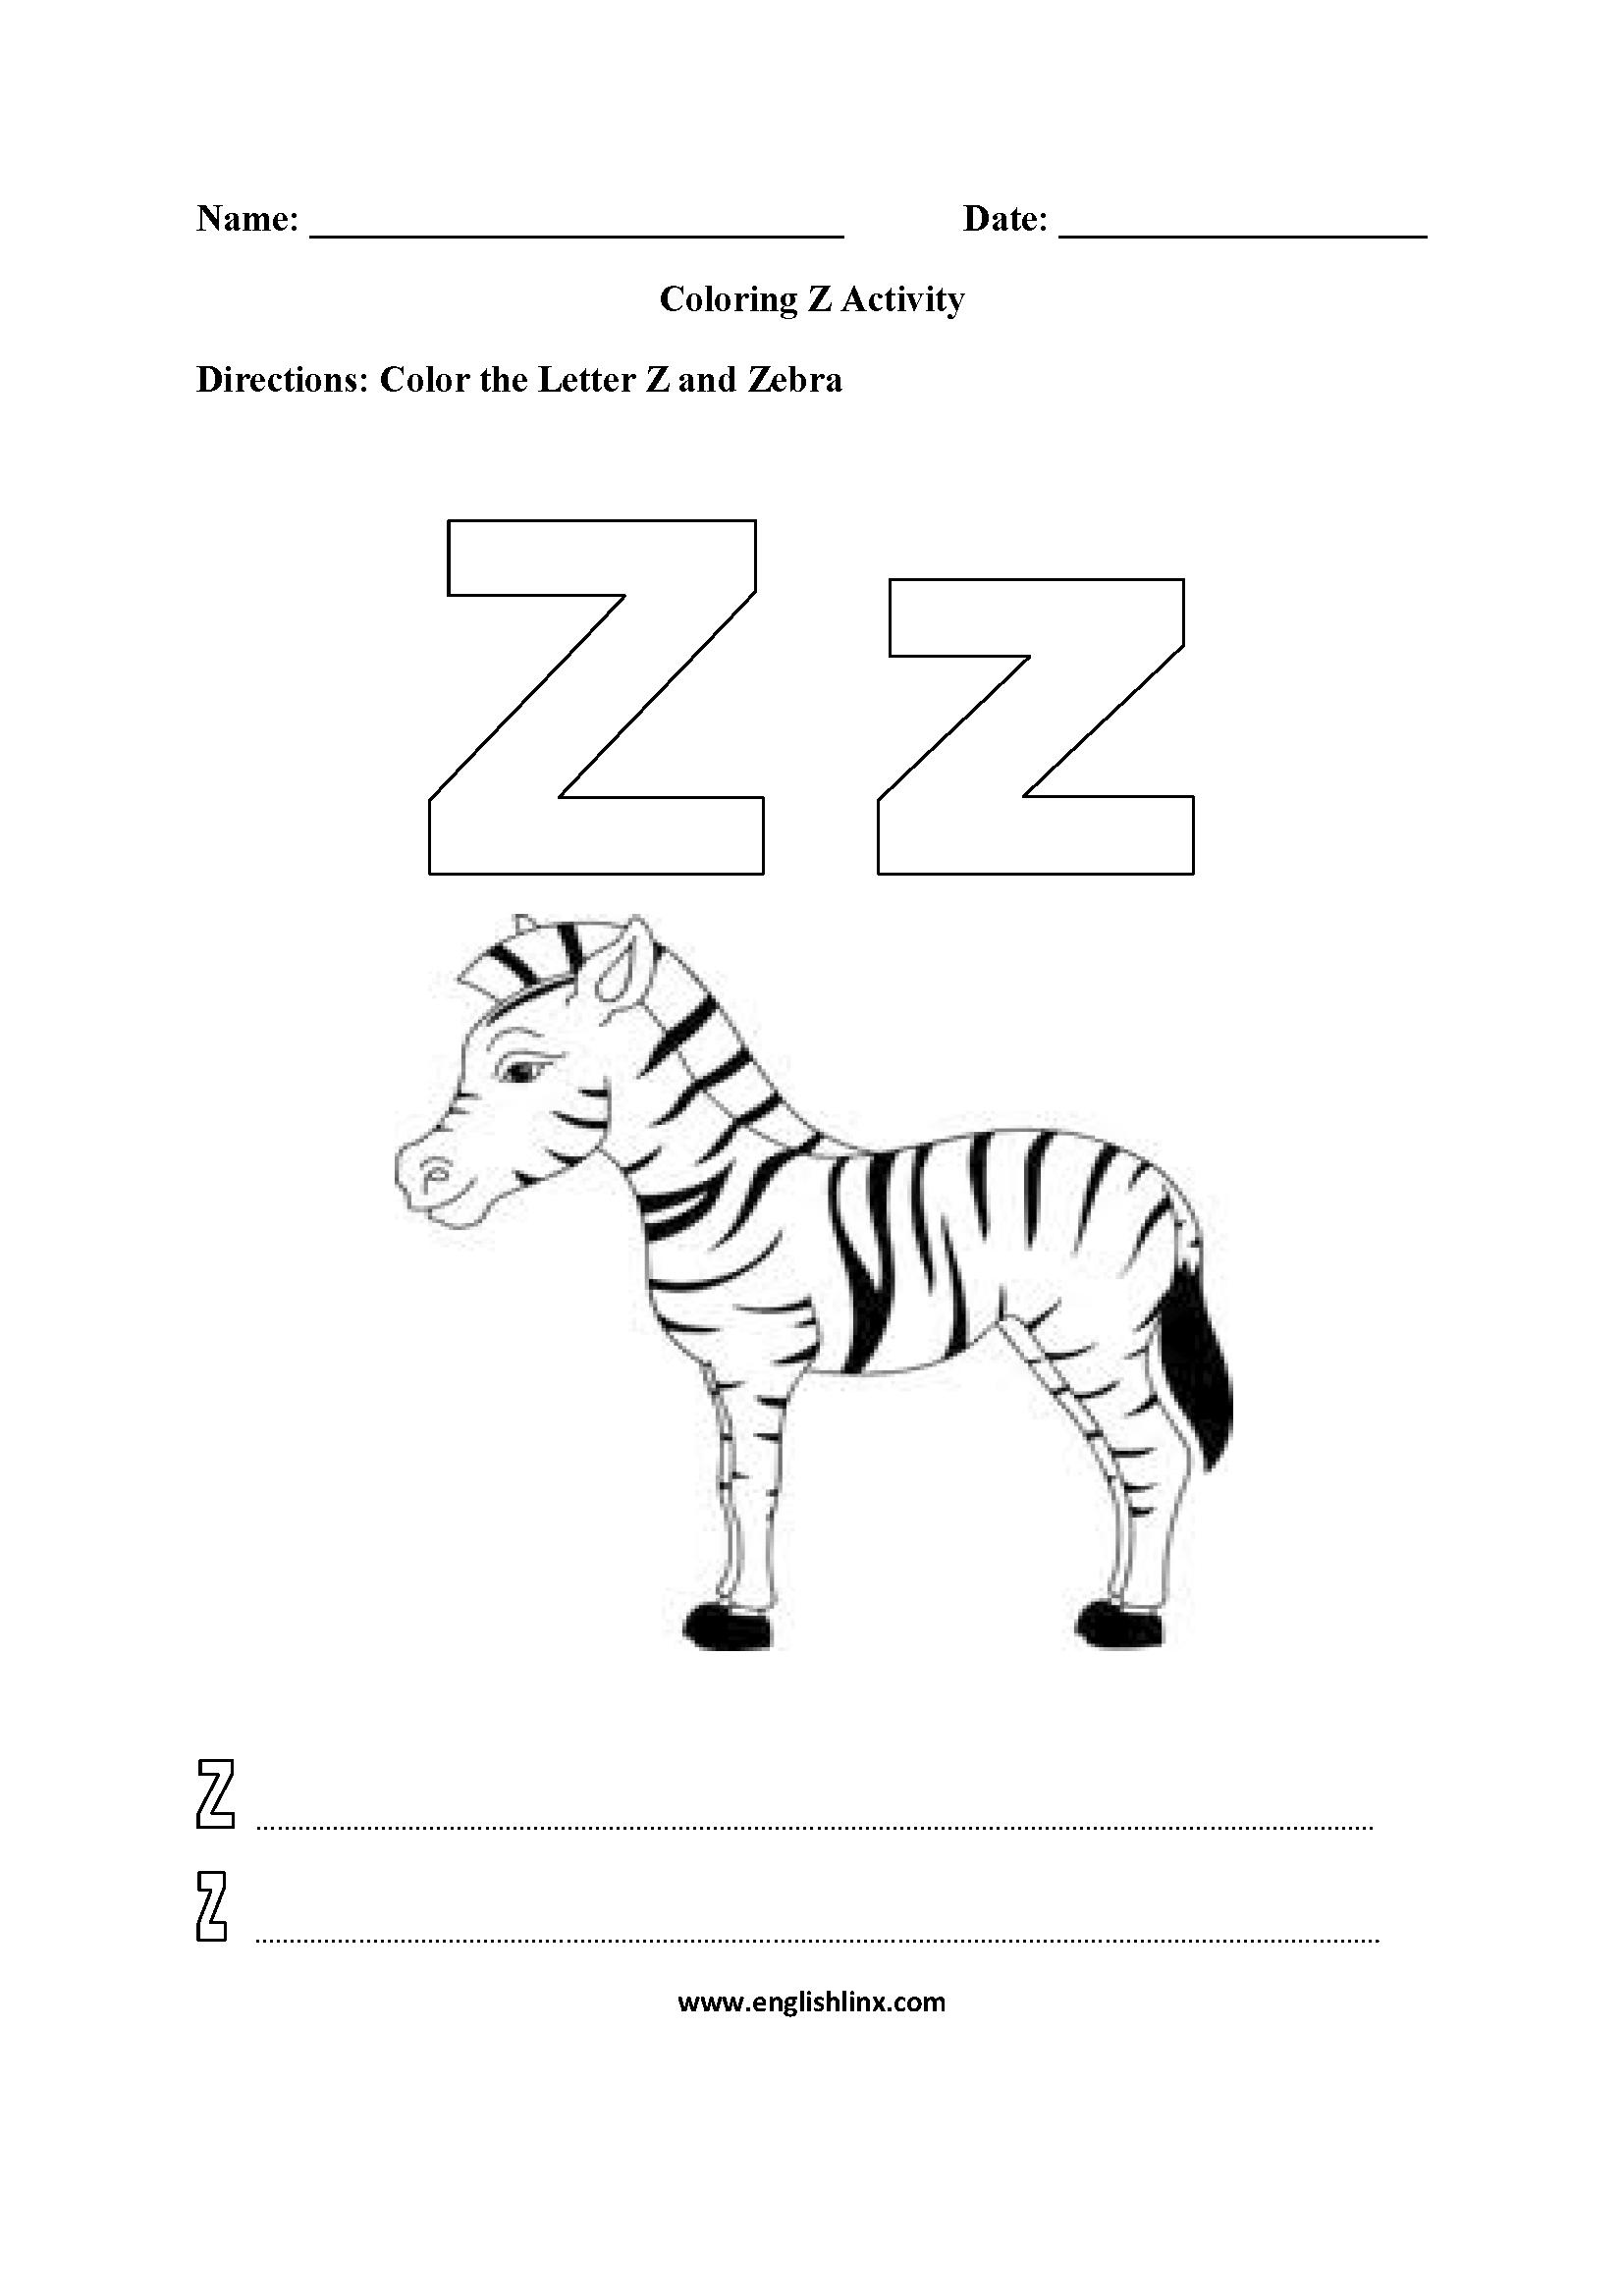 worksheet Zebra Worksheets alphabet worksheets coloring pages worksheets